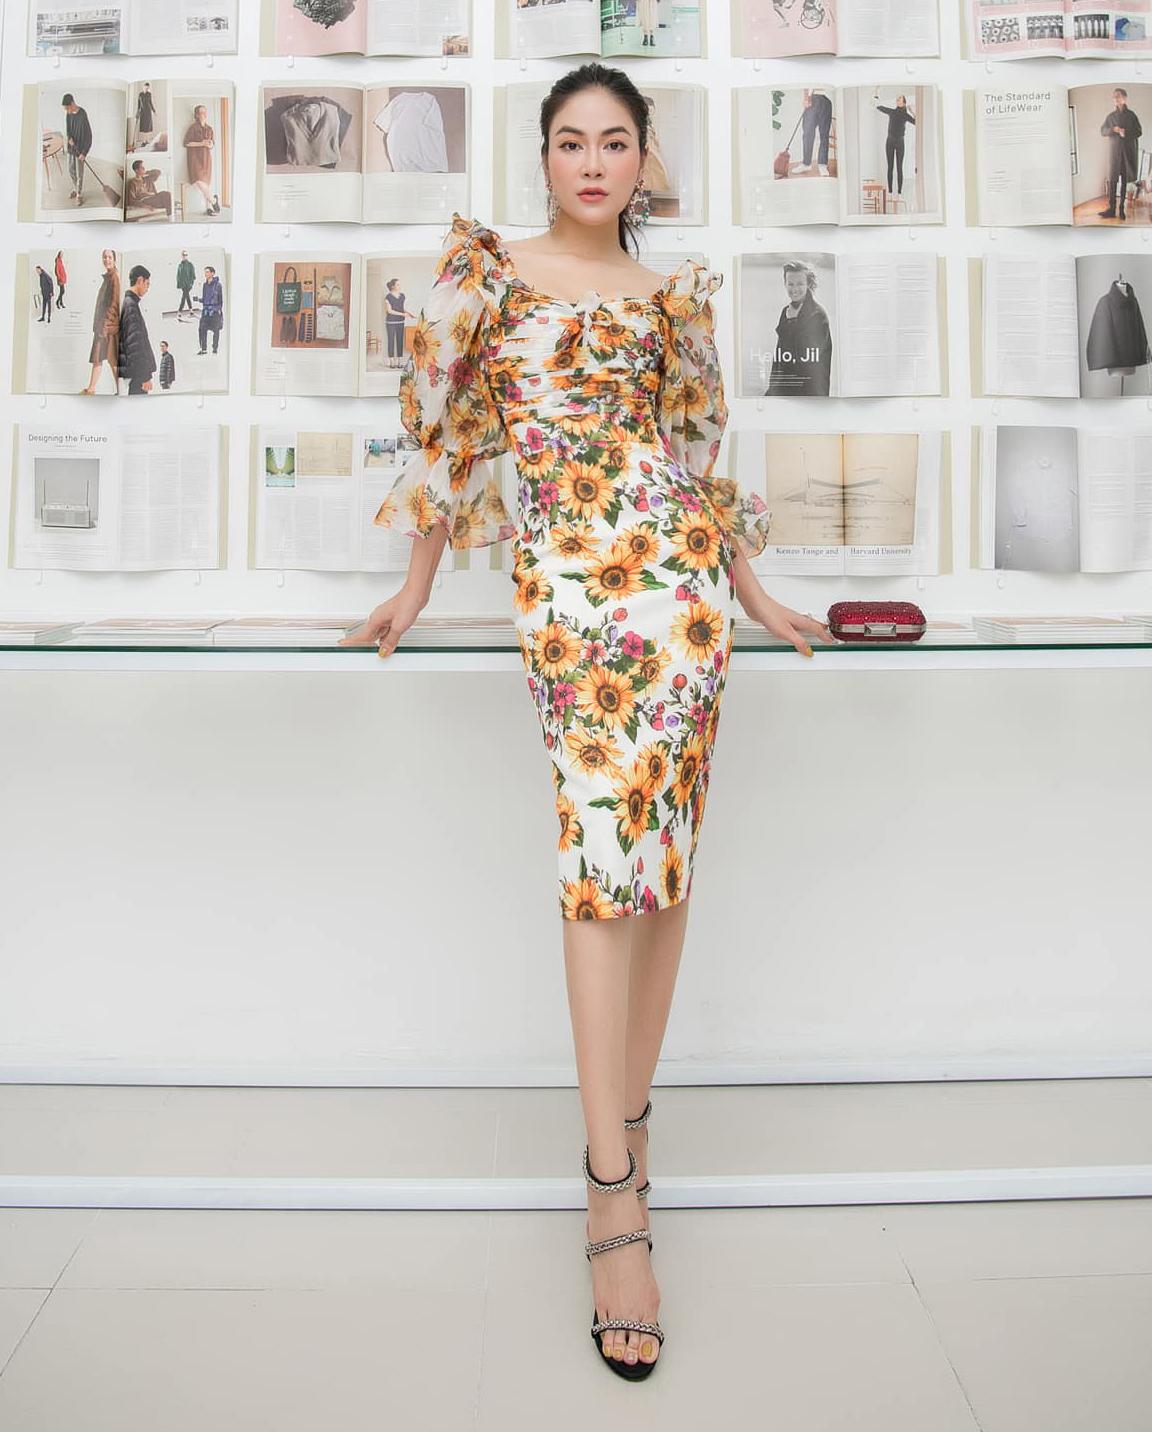 Ca sĩ Tuyết Nga mặc chiếc đầm cảm hứng cổ điển đi event. Hoa hậu Áo dài 2019 mix cầu kỳ hơn cả khi kết hợp hoa tai, sandals đều lấp lánh. Cô còn cầm clutch đỏ để tạo điểm nhấn.